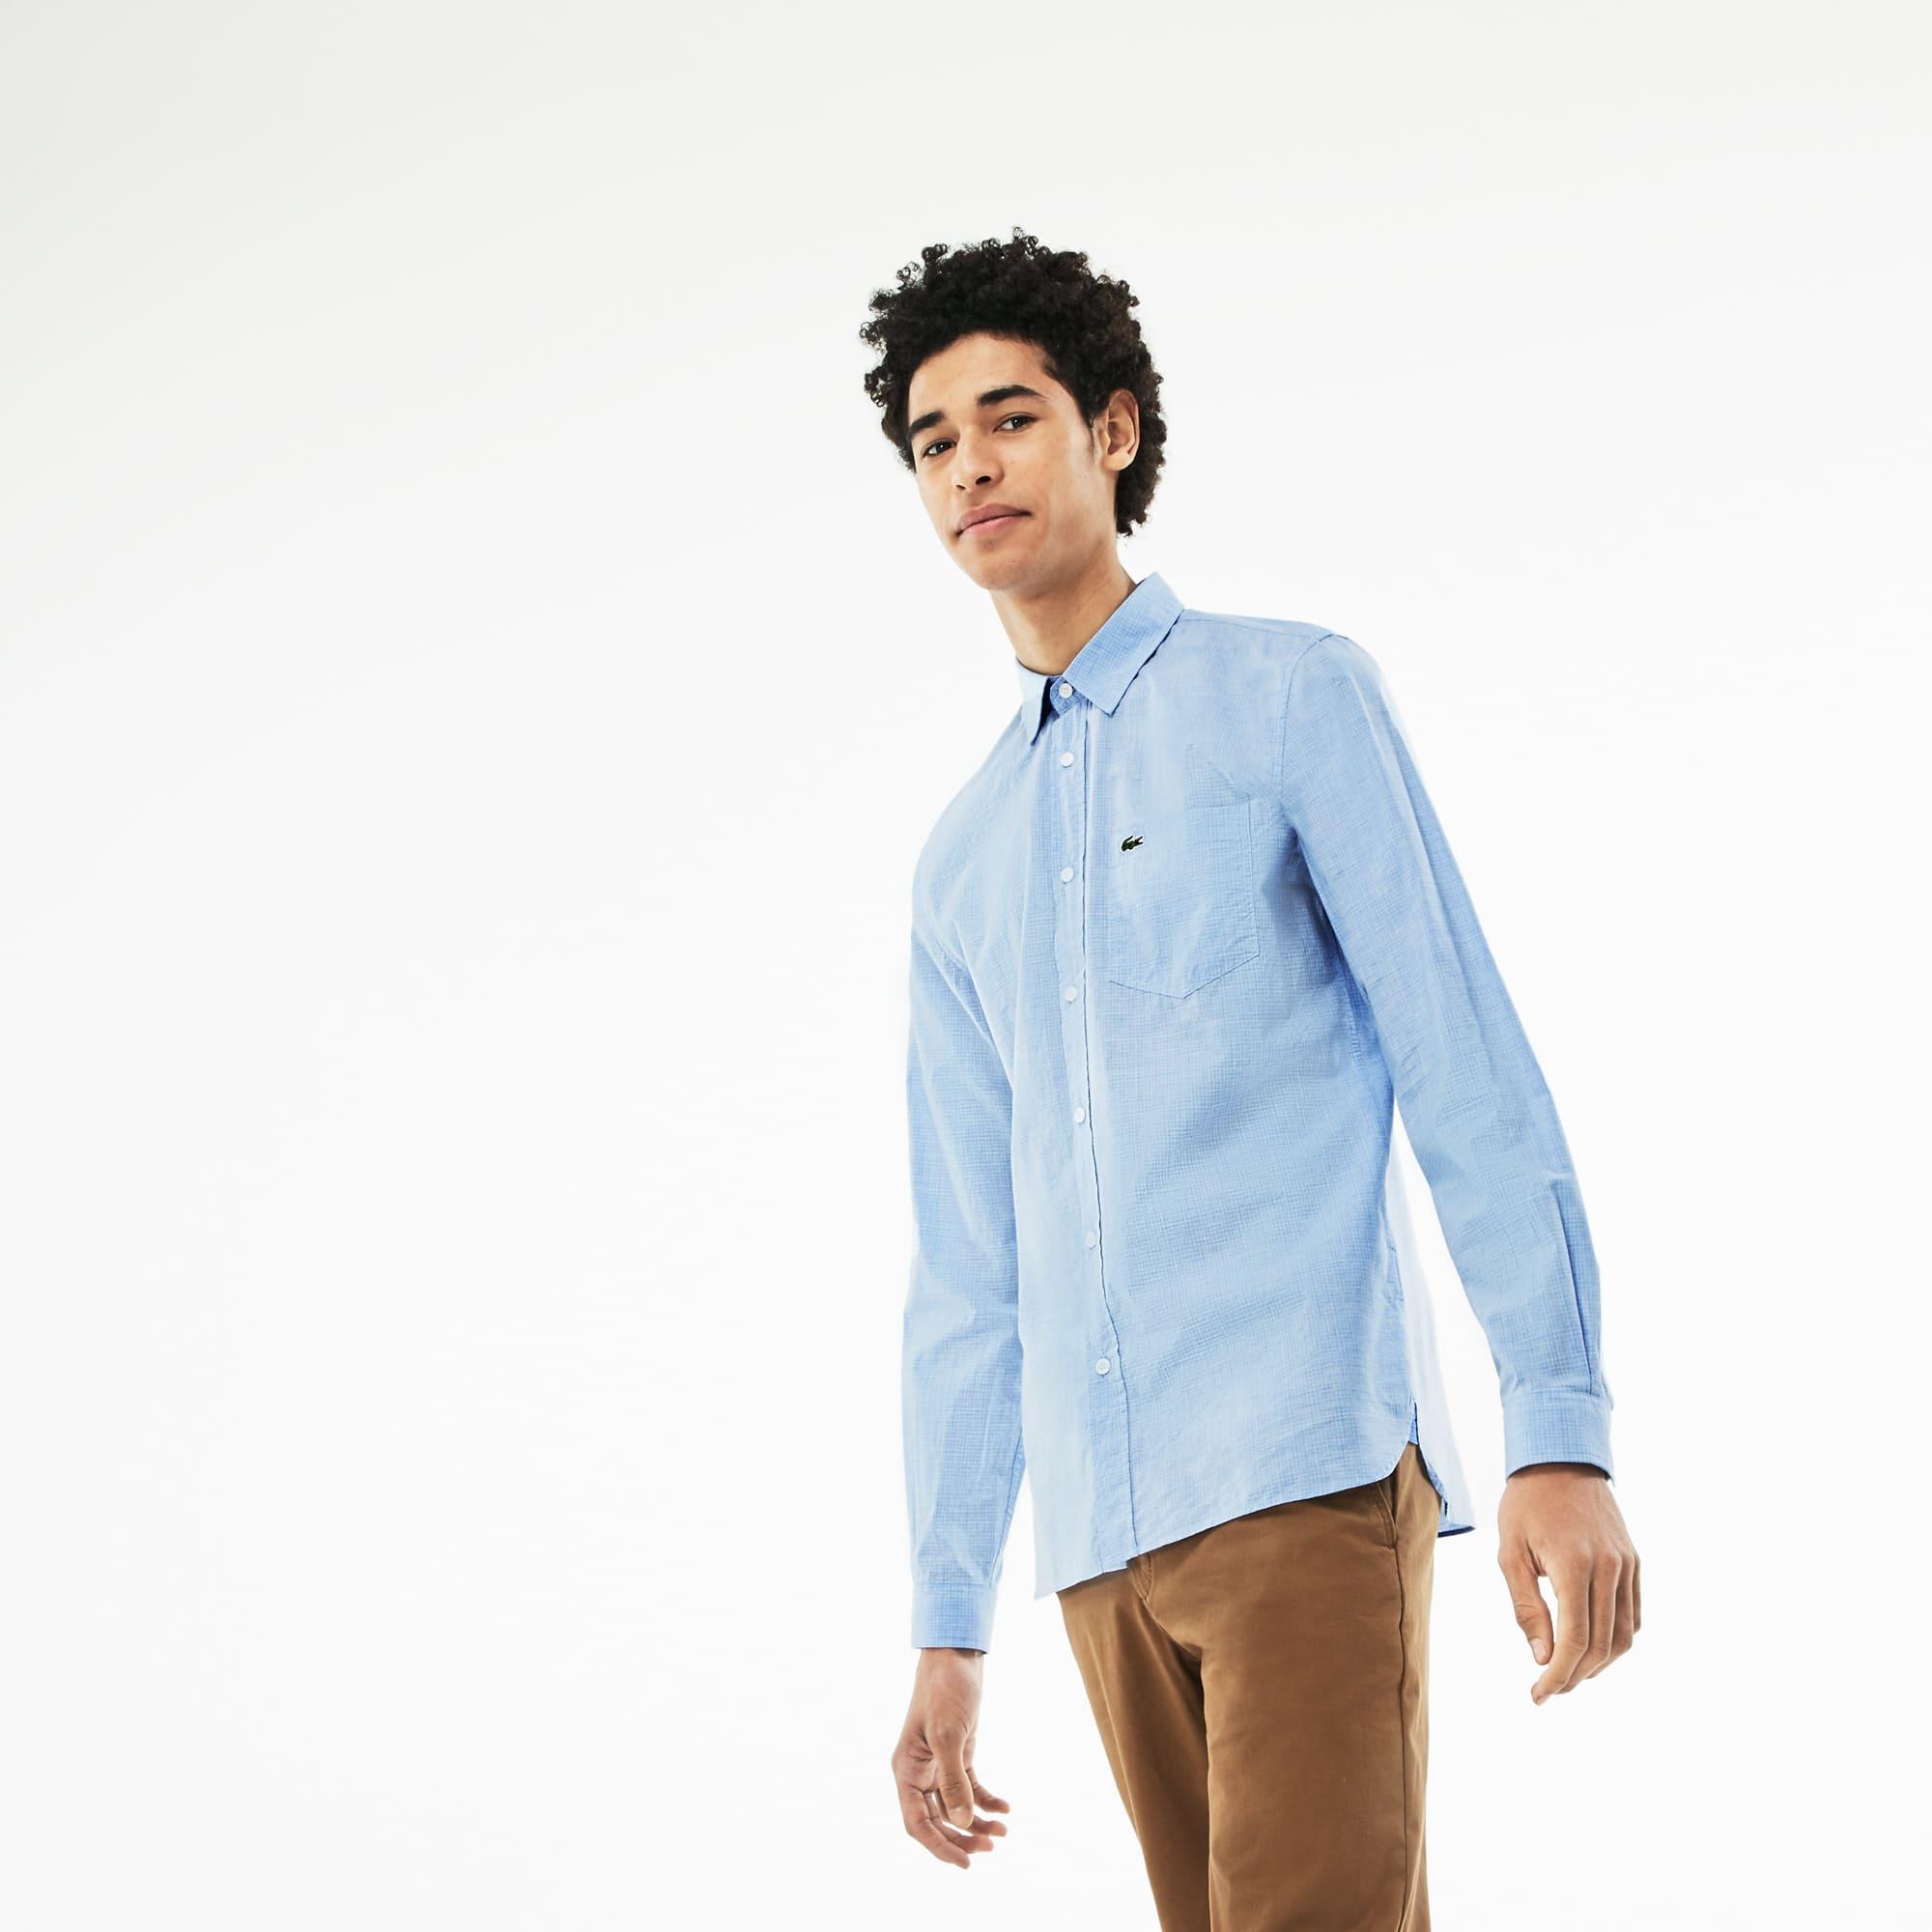 Camisa slim fit em popelina de algodão aos quadrados